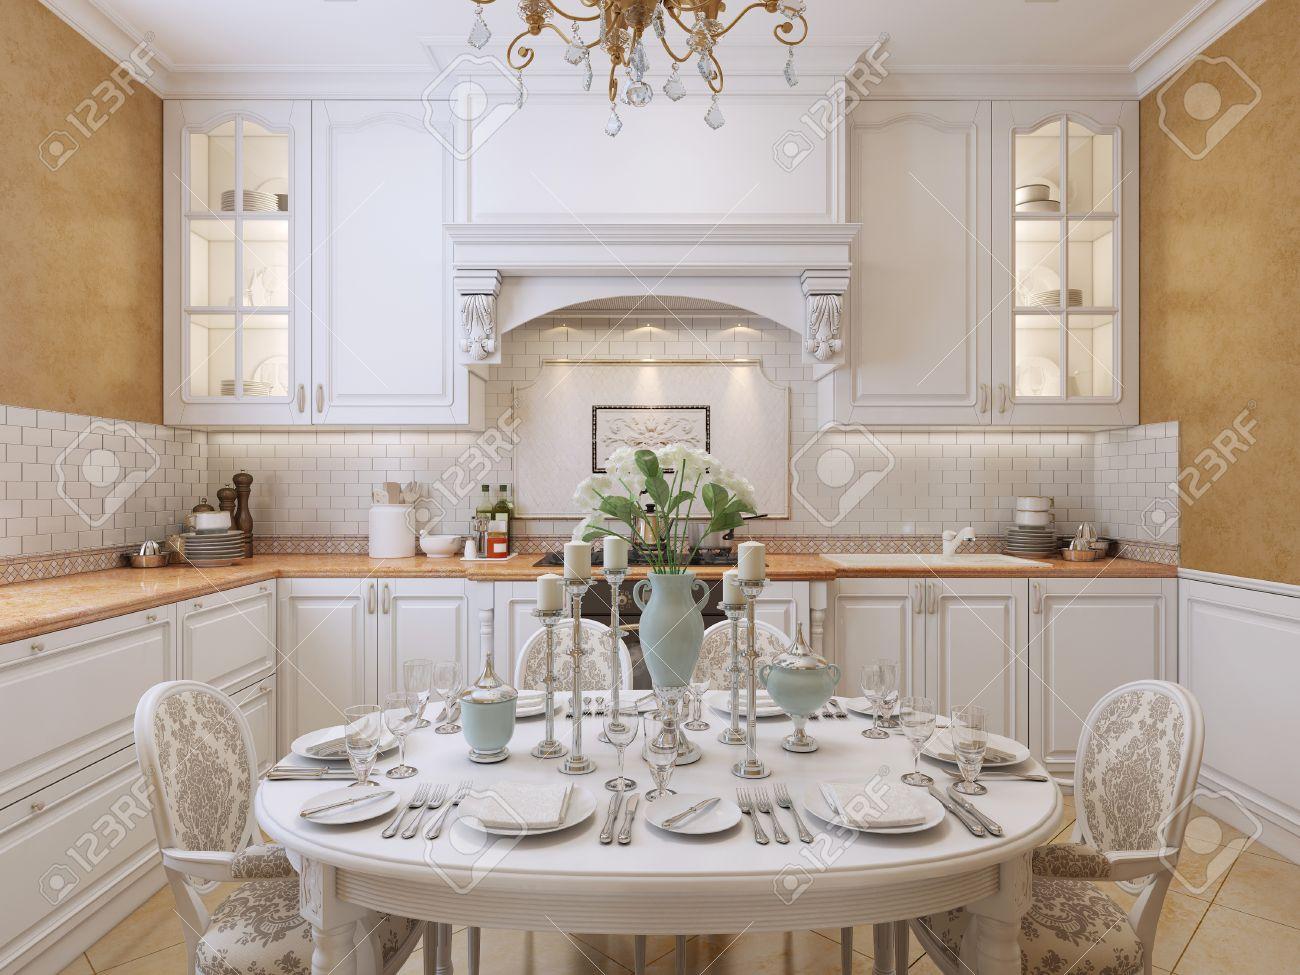 Cucine Stile Barocco Moderno. With Cucine Stile Barocco ...